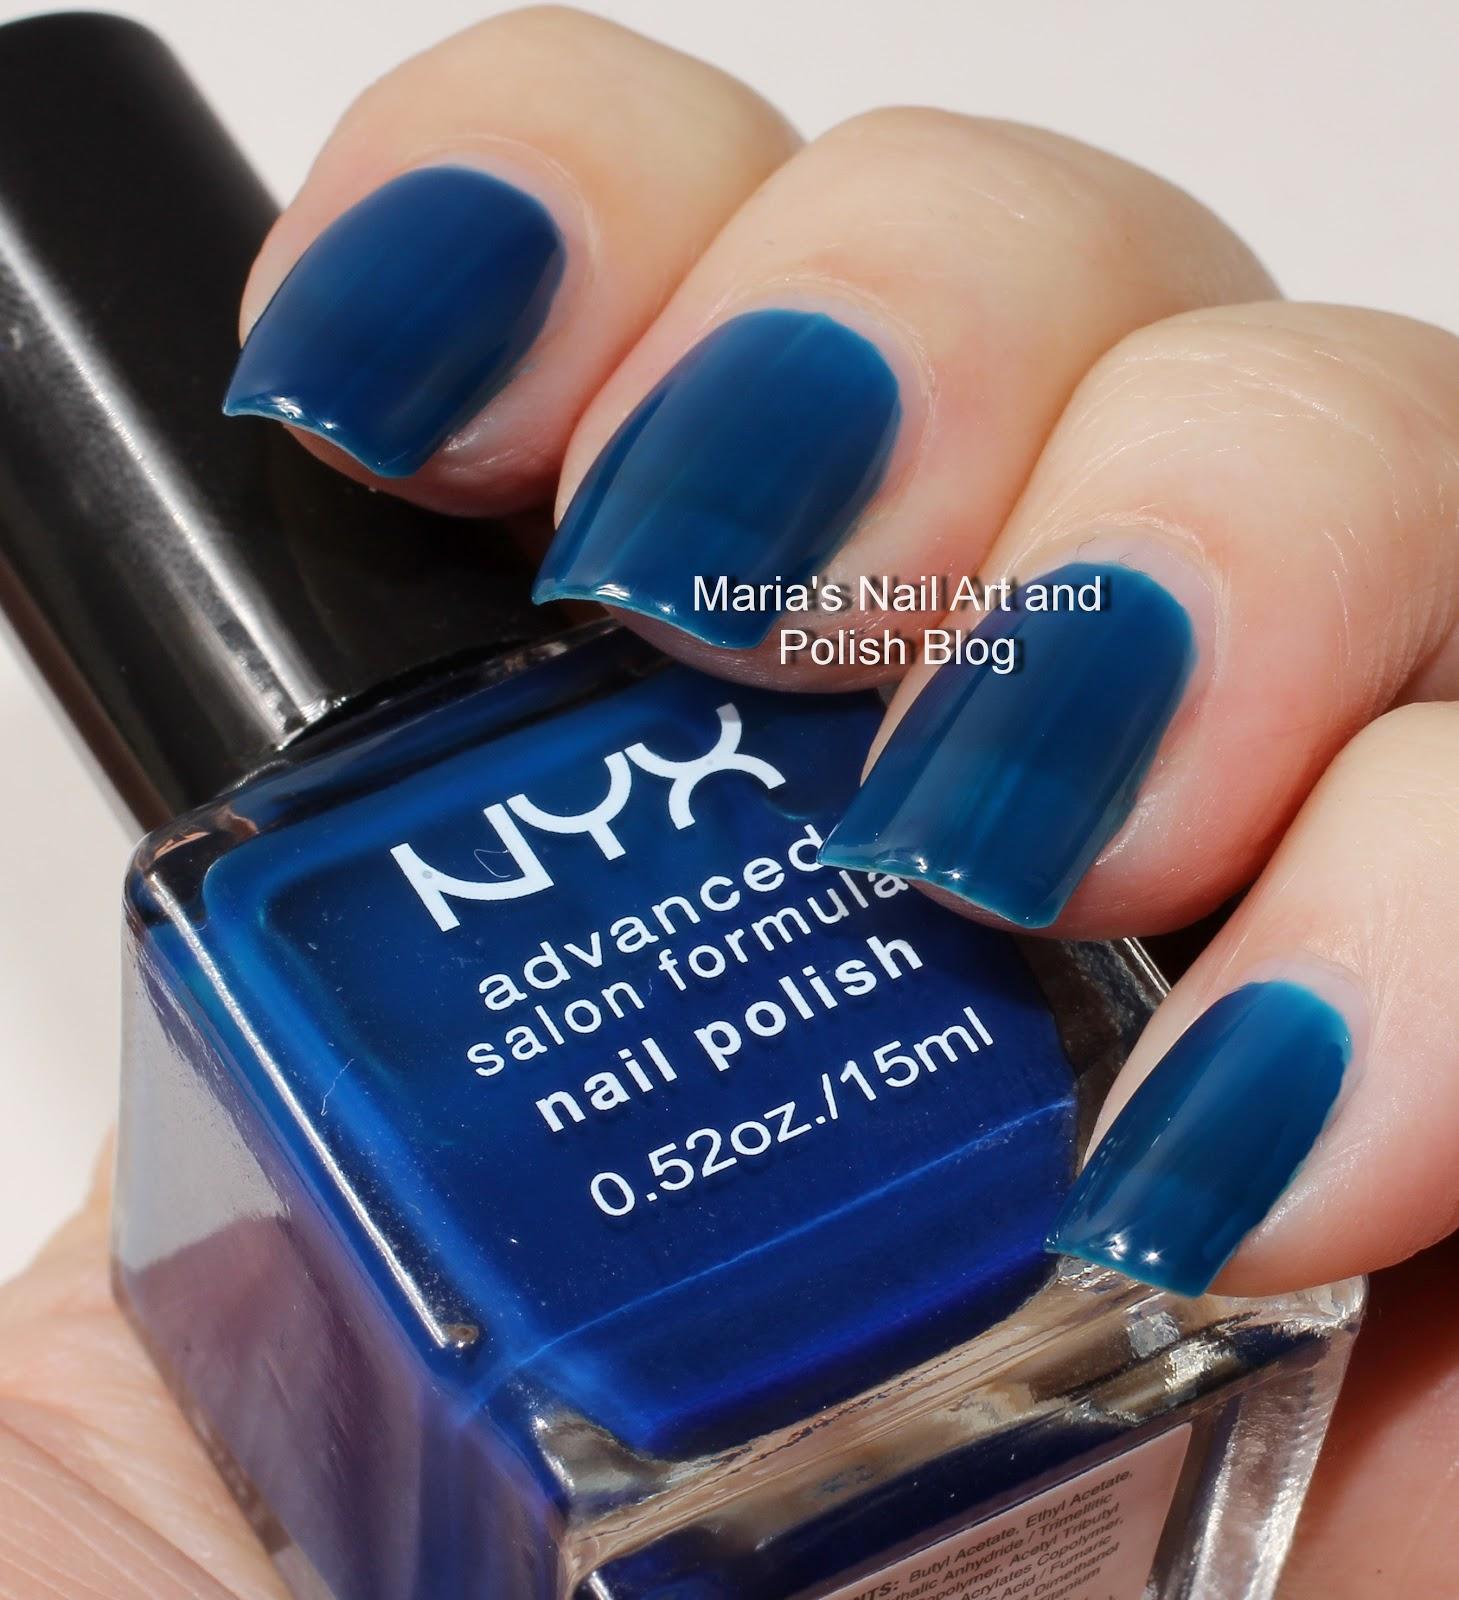 Marias Nail Art and Polish Blog: NYX Salon Formula: Ink and Pastel ...